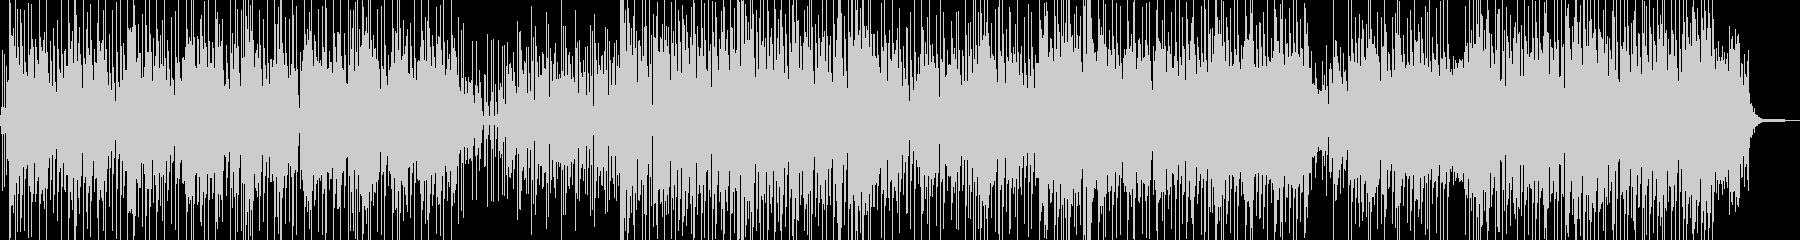 南国ムード ご機嫌なレゲェの未再生の波形